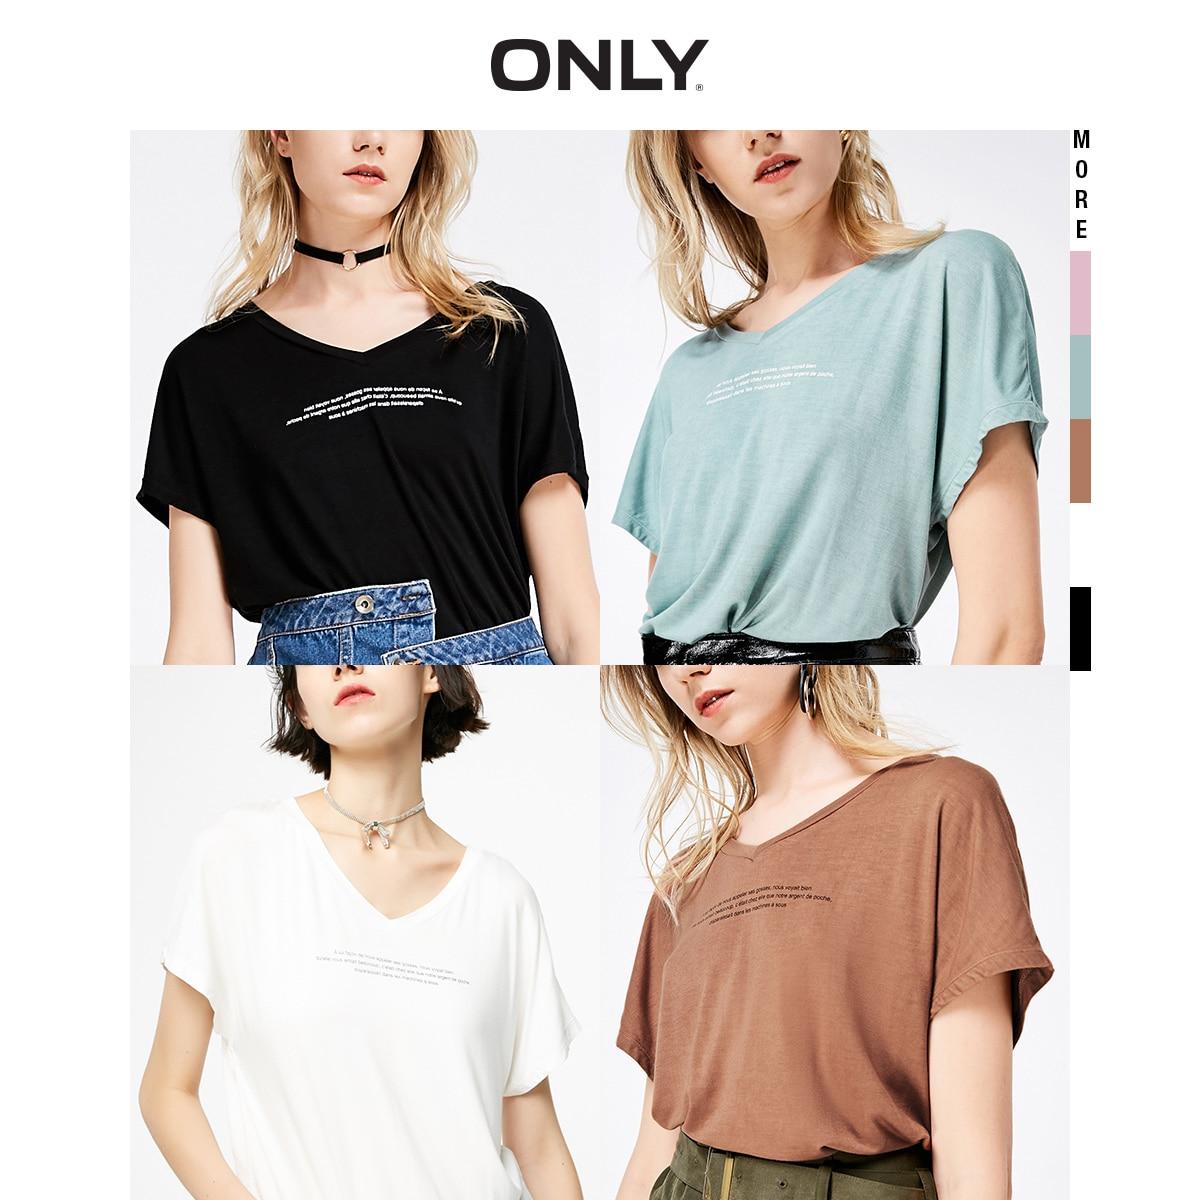 ONLY  Spring Summer New Women's Letter Print V-neckline Short-sleeved T-shirt |119101580